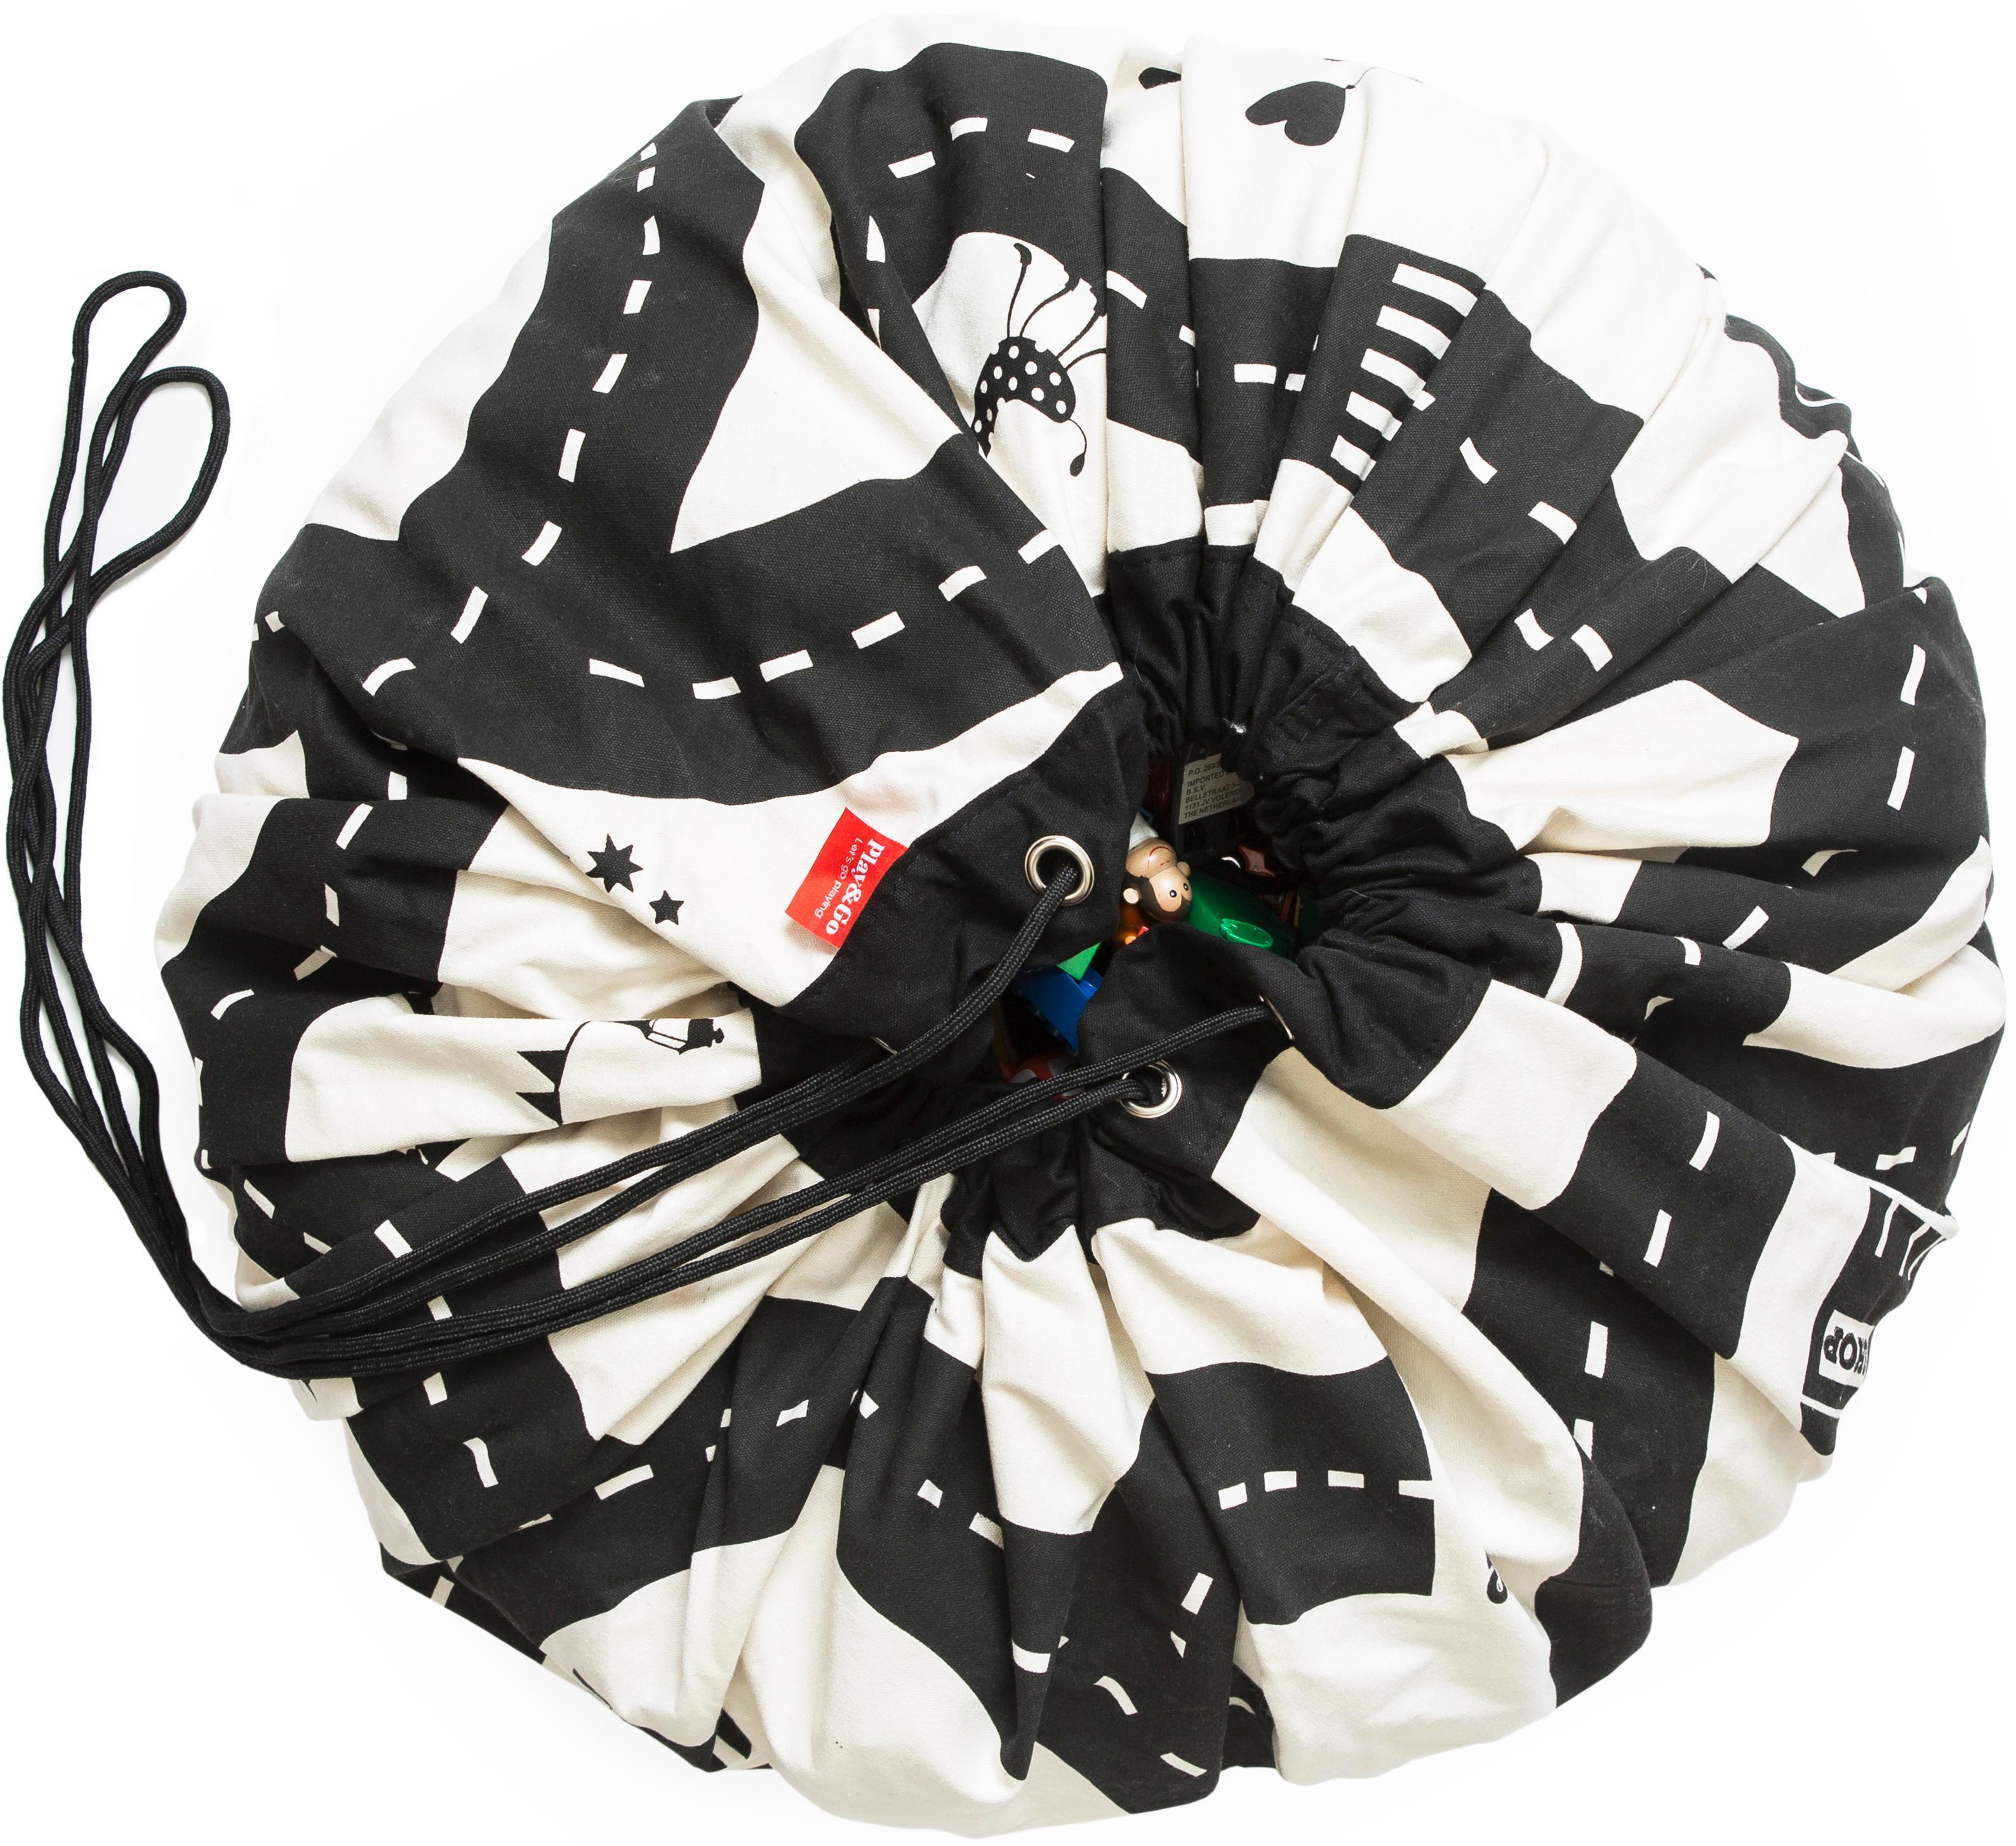 Manta de juegos Roadmap, Poliéster, Negro, blanco, Ø 140 cm